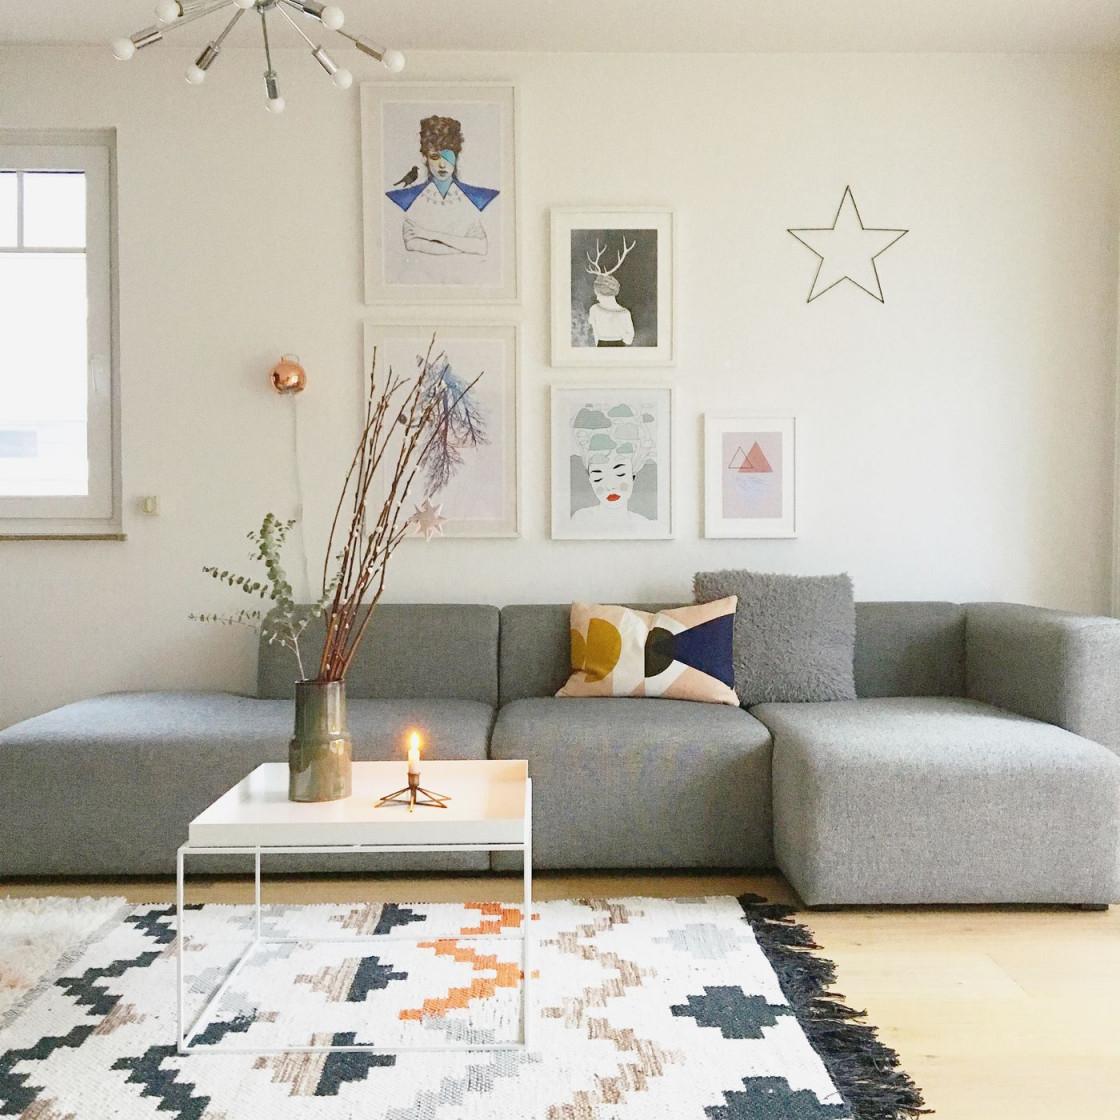 Die Besten Ideen Für Die Wandgestaltung Im Wohnzimmer von Wände Im Wohnzimmer Gestalten Photo